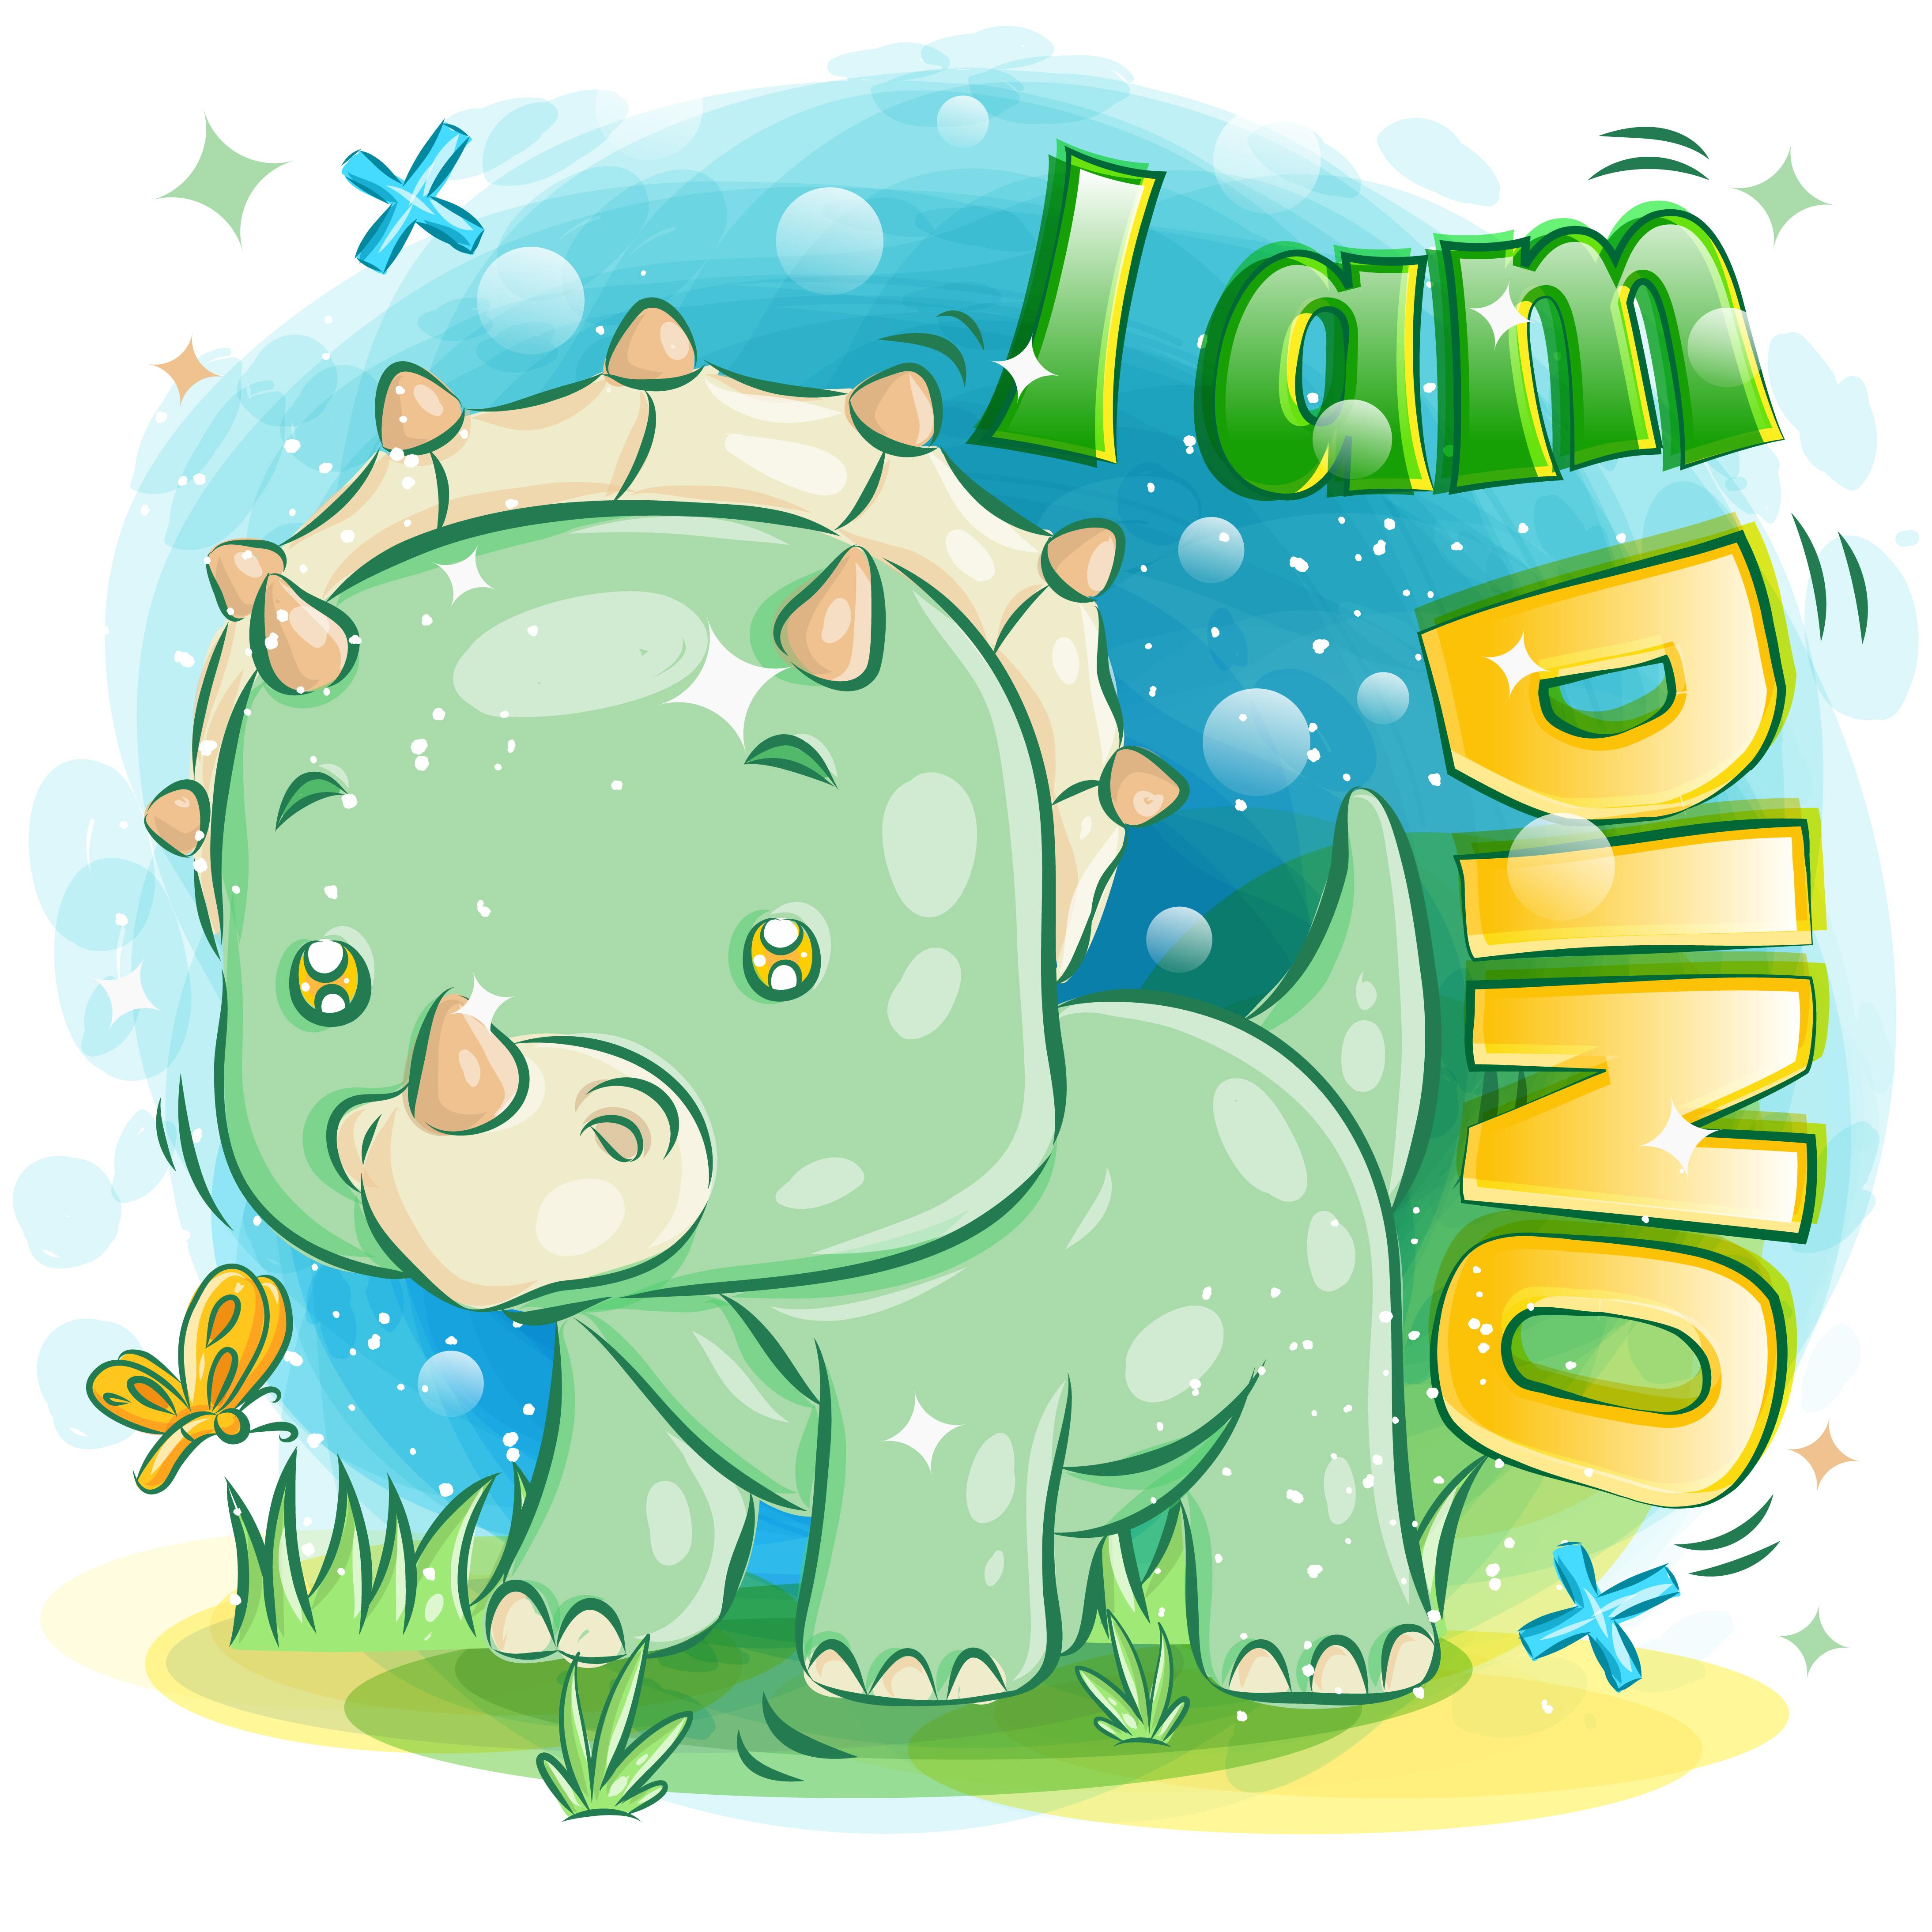 triceratops verdes fofos brincando com borboleta vetor